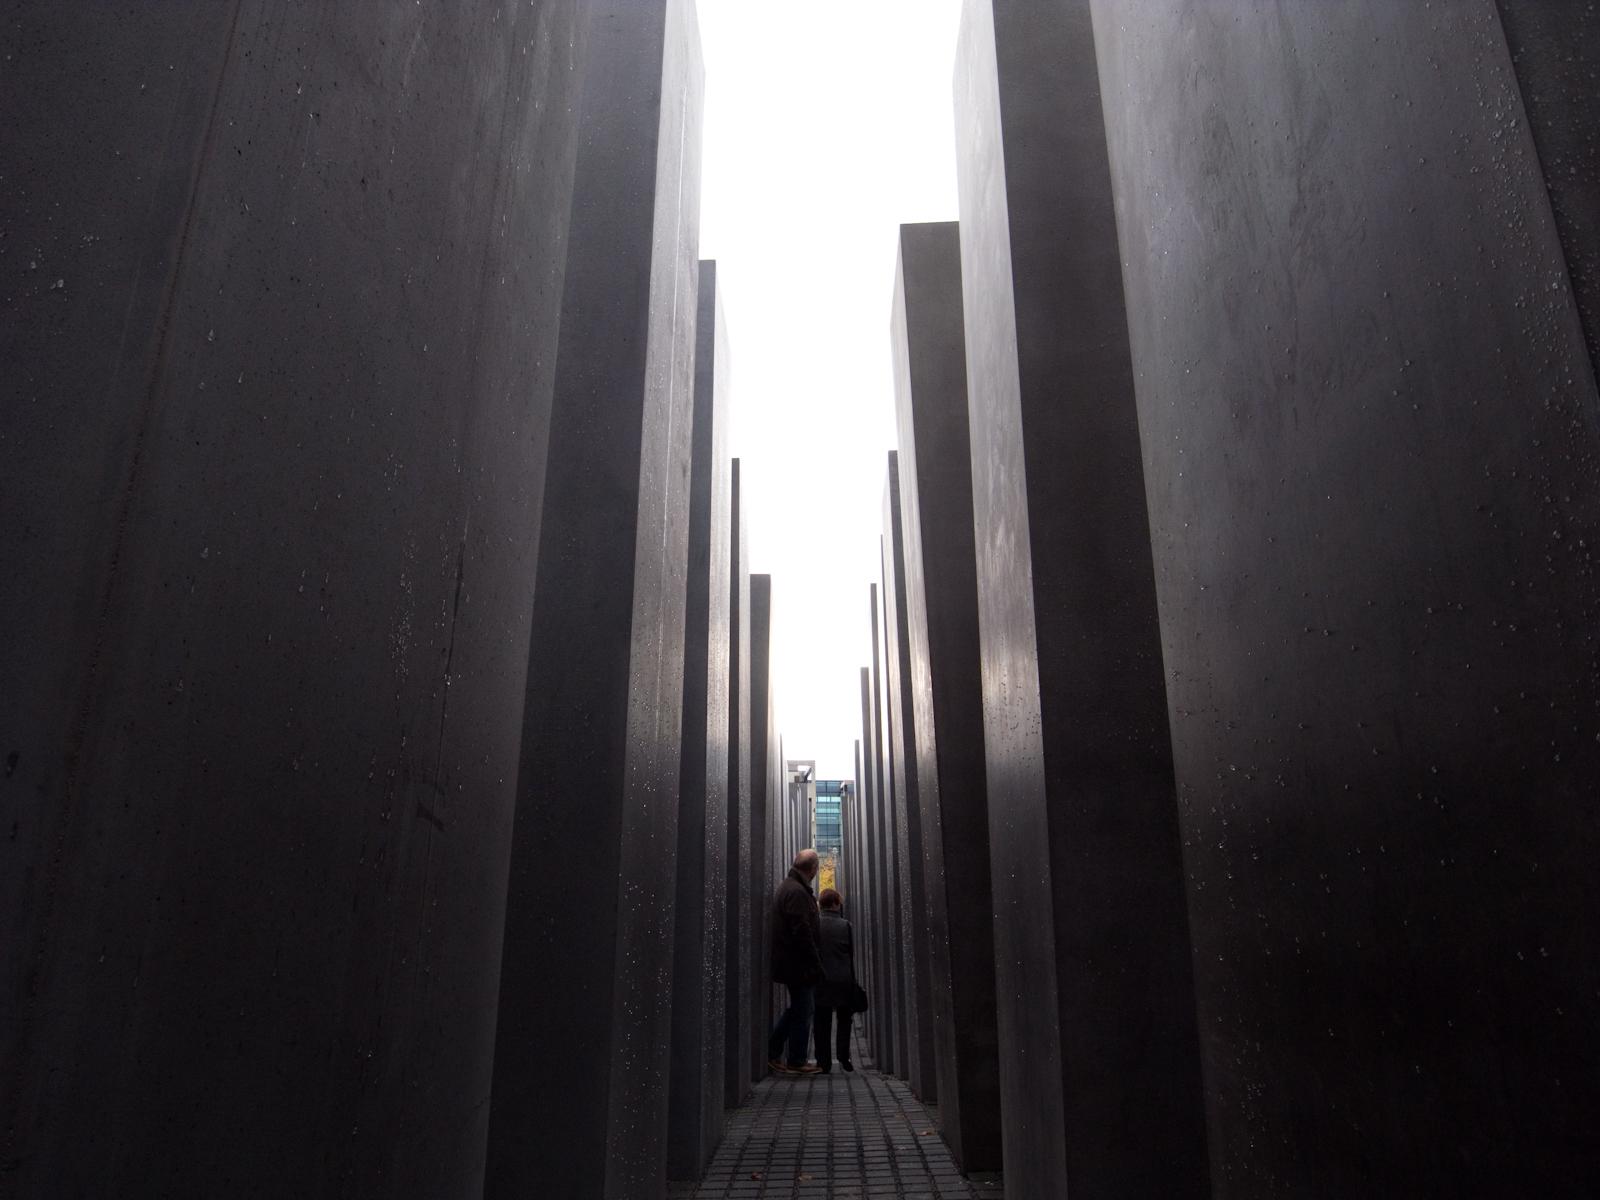 Denkmal für die ermordeten Juden Eur